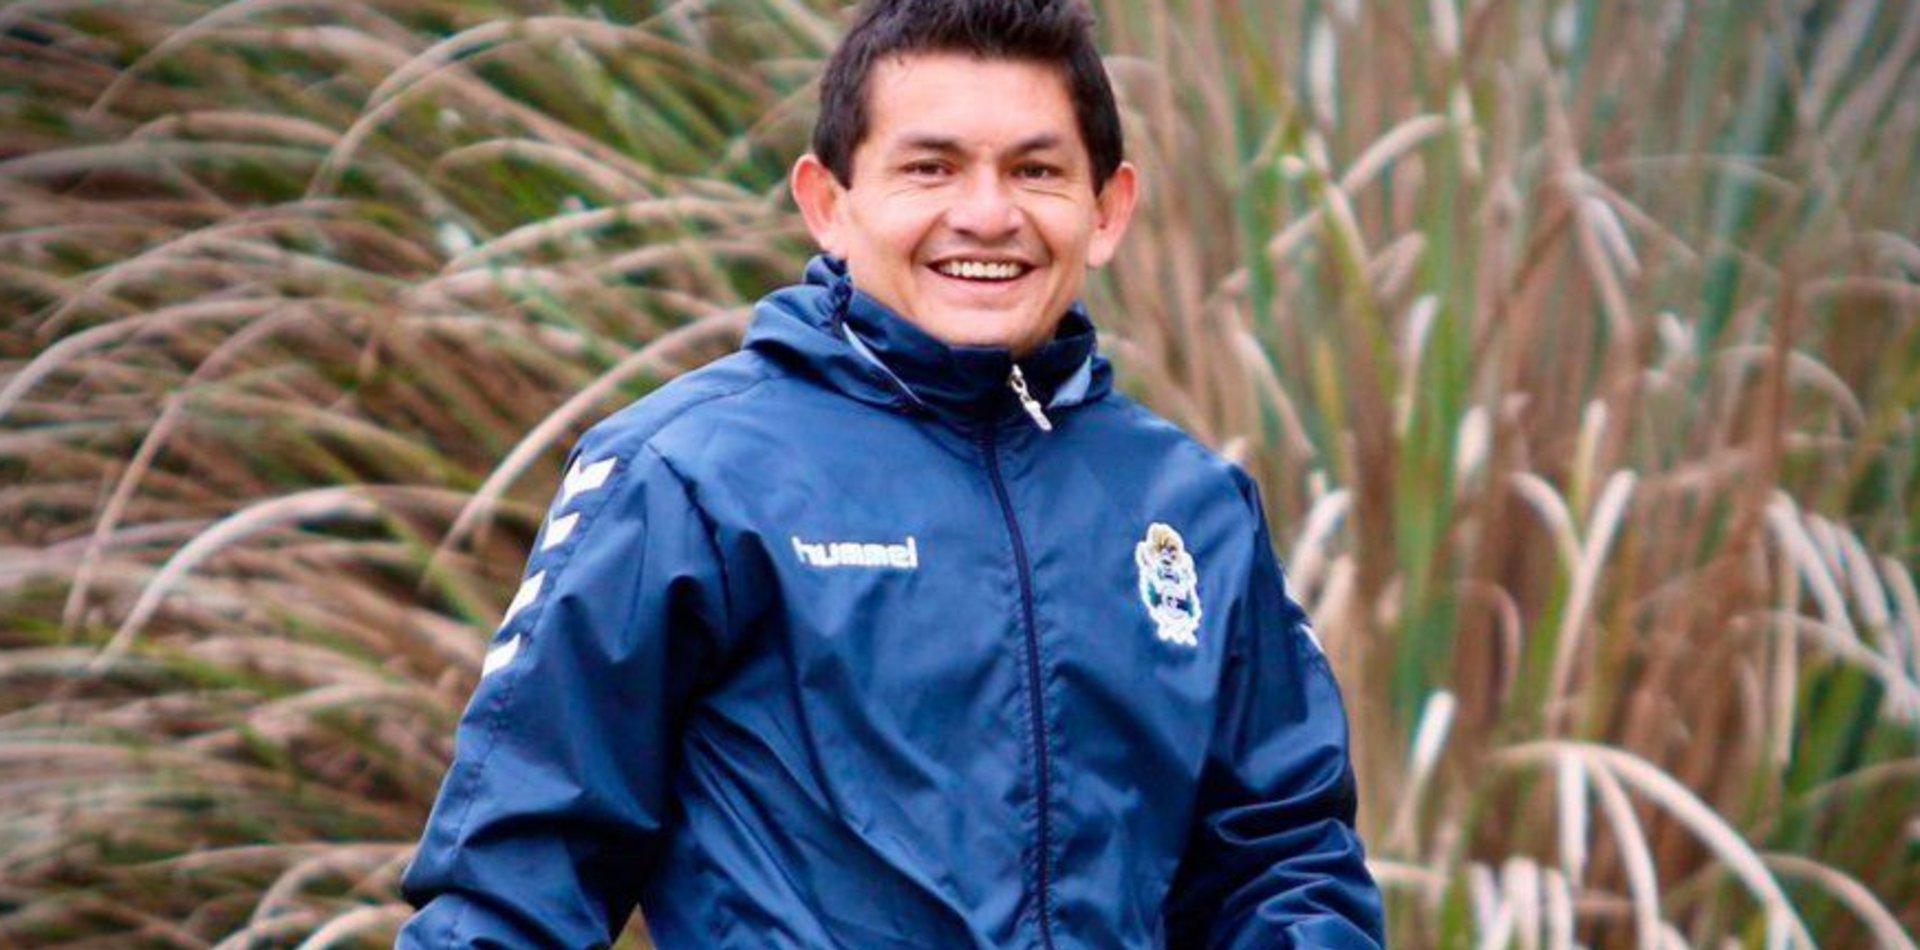 Gimnasia confirmó la lesión del Pulga Rodríguez y estimó cuándo podrá debutar en el Lobo